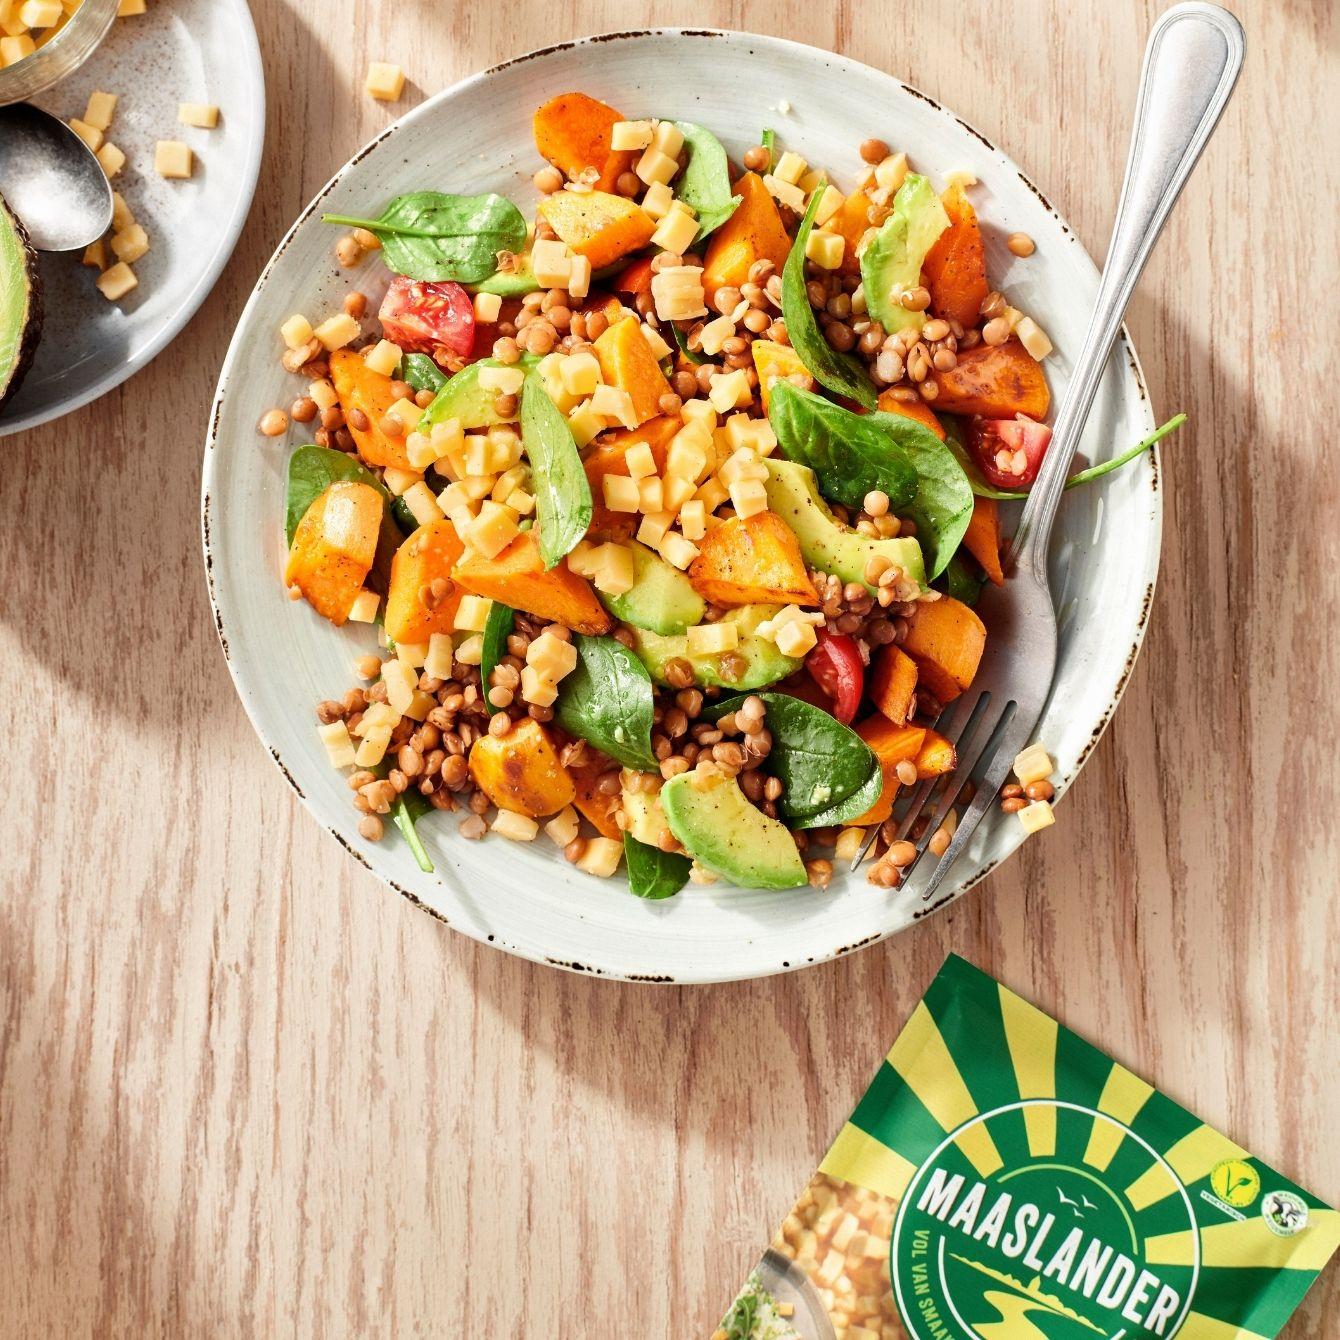 Maaltijdsalade met linzen, spinazie en Maaslander maaltijdtopper